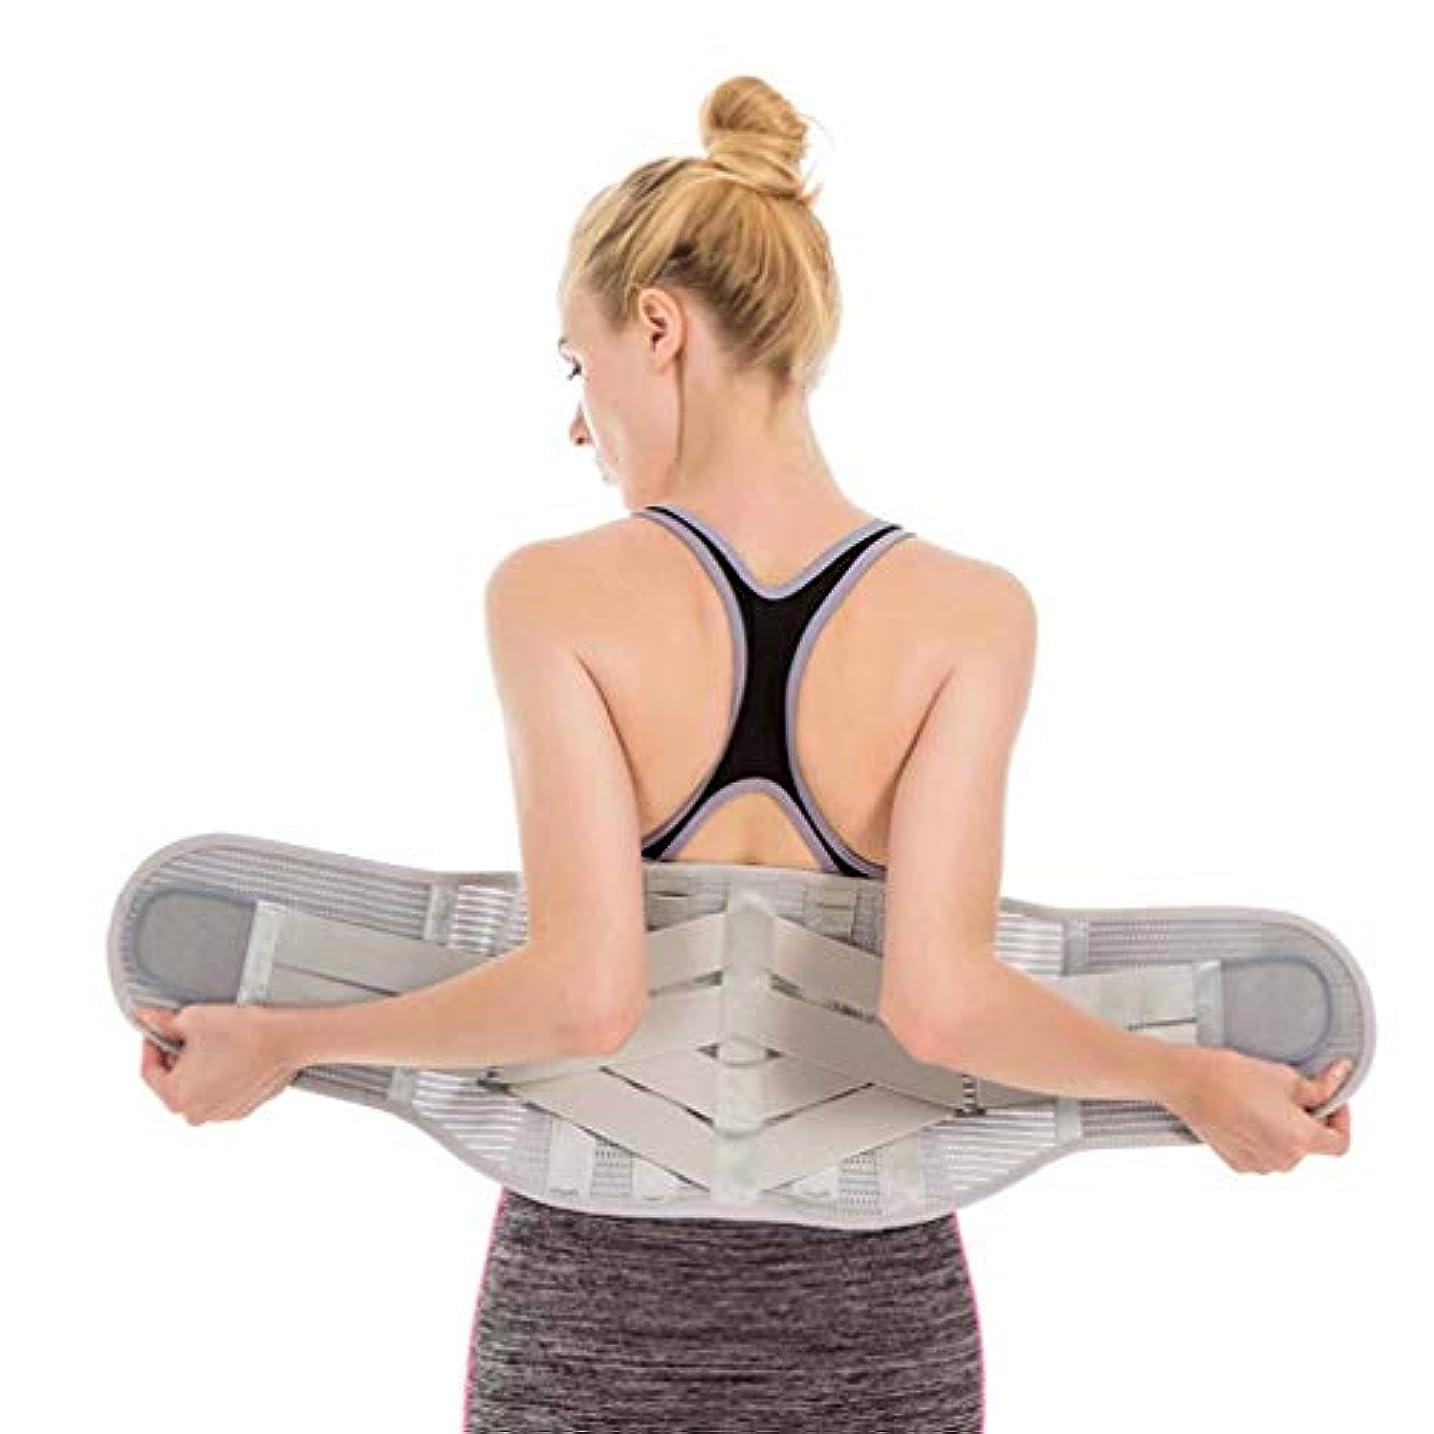 ベアリングサークル多年生内向き保温性のある腰部調節可能なサポートバックベルトブレースの痛みを軽減するセルフヒート-Rustle666